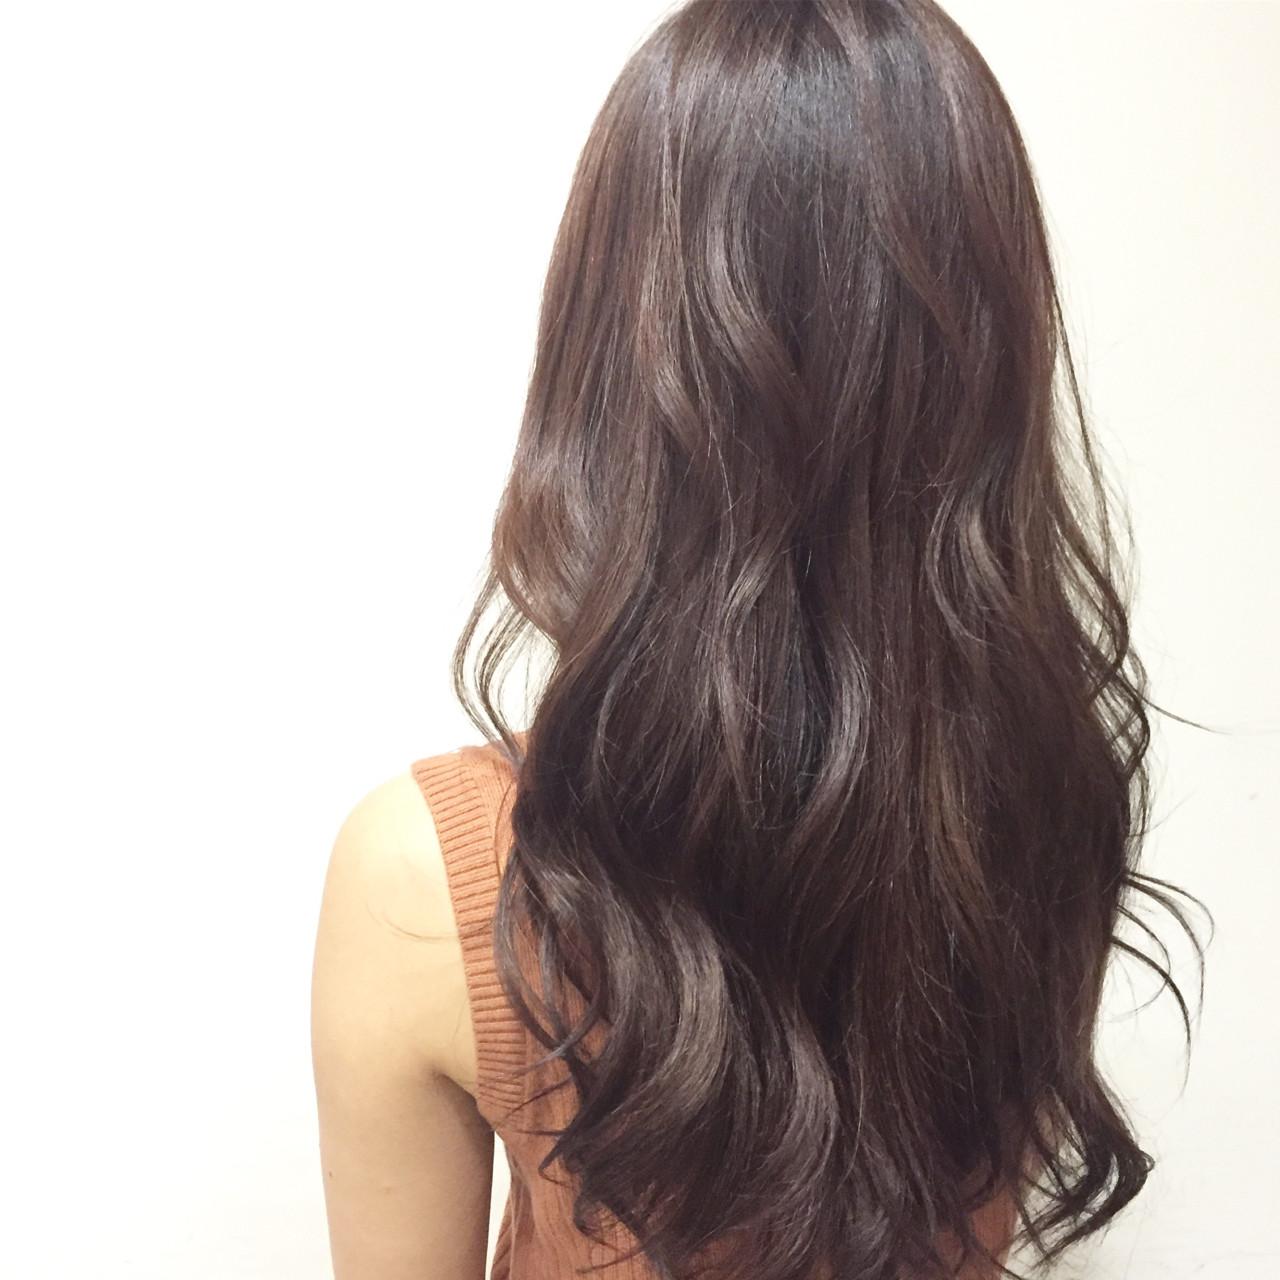 ハイライト セミロング 大人かわいい ブラウン ヘアスタイルや髪型の写真・画像